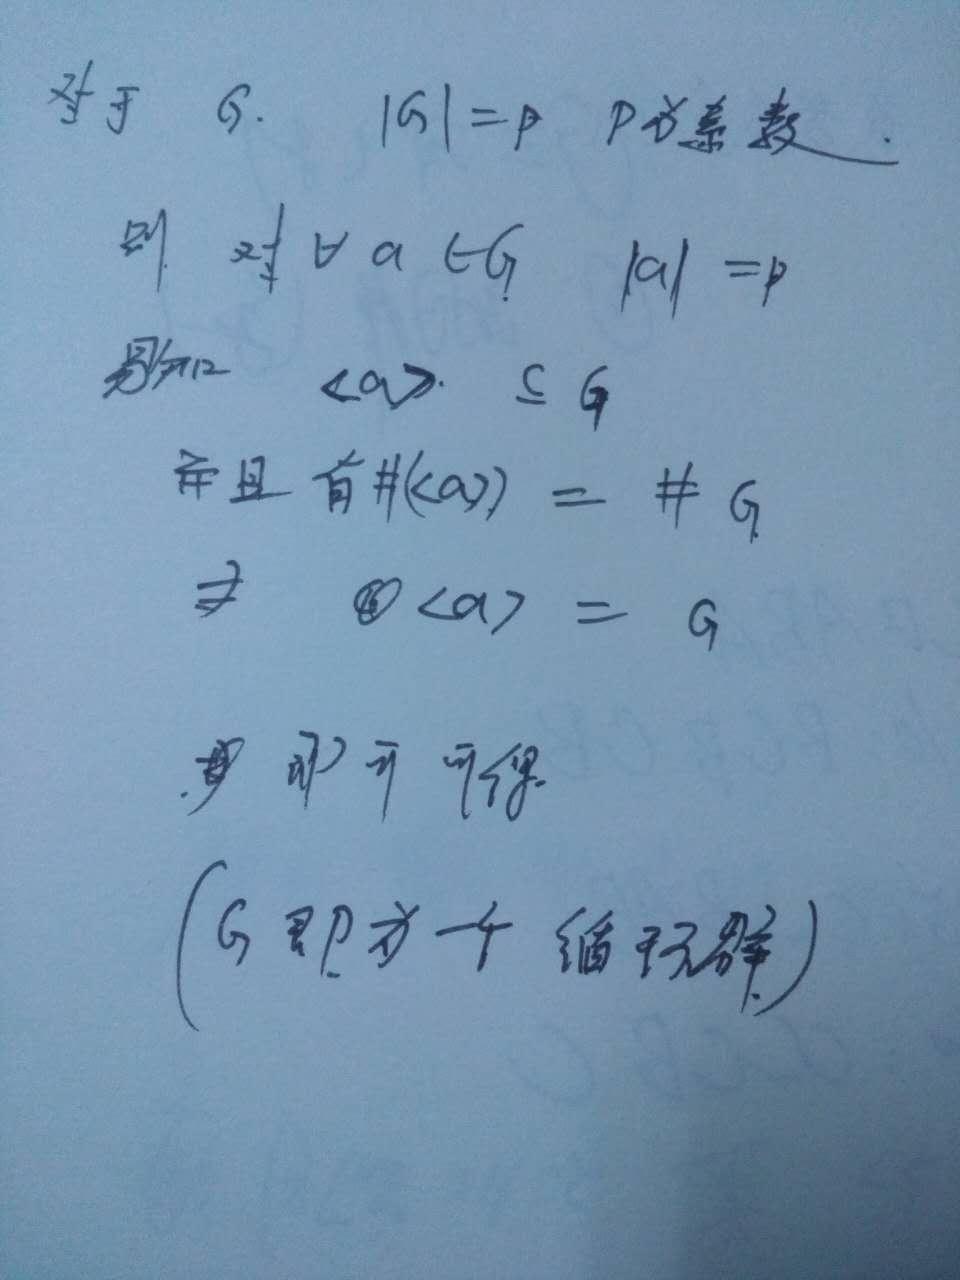 证明不存在最大素数